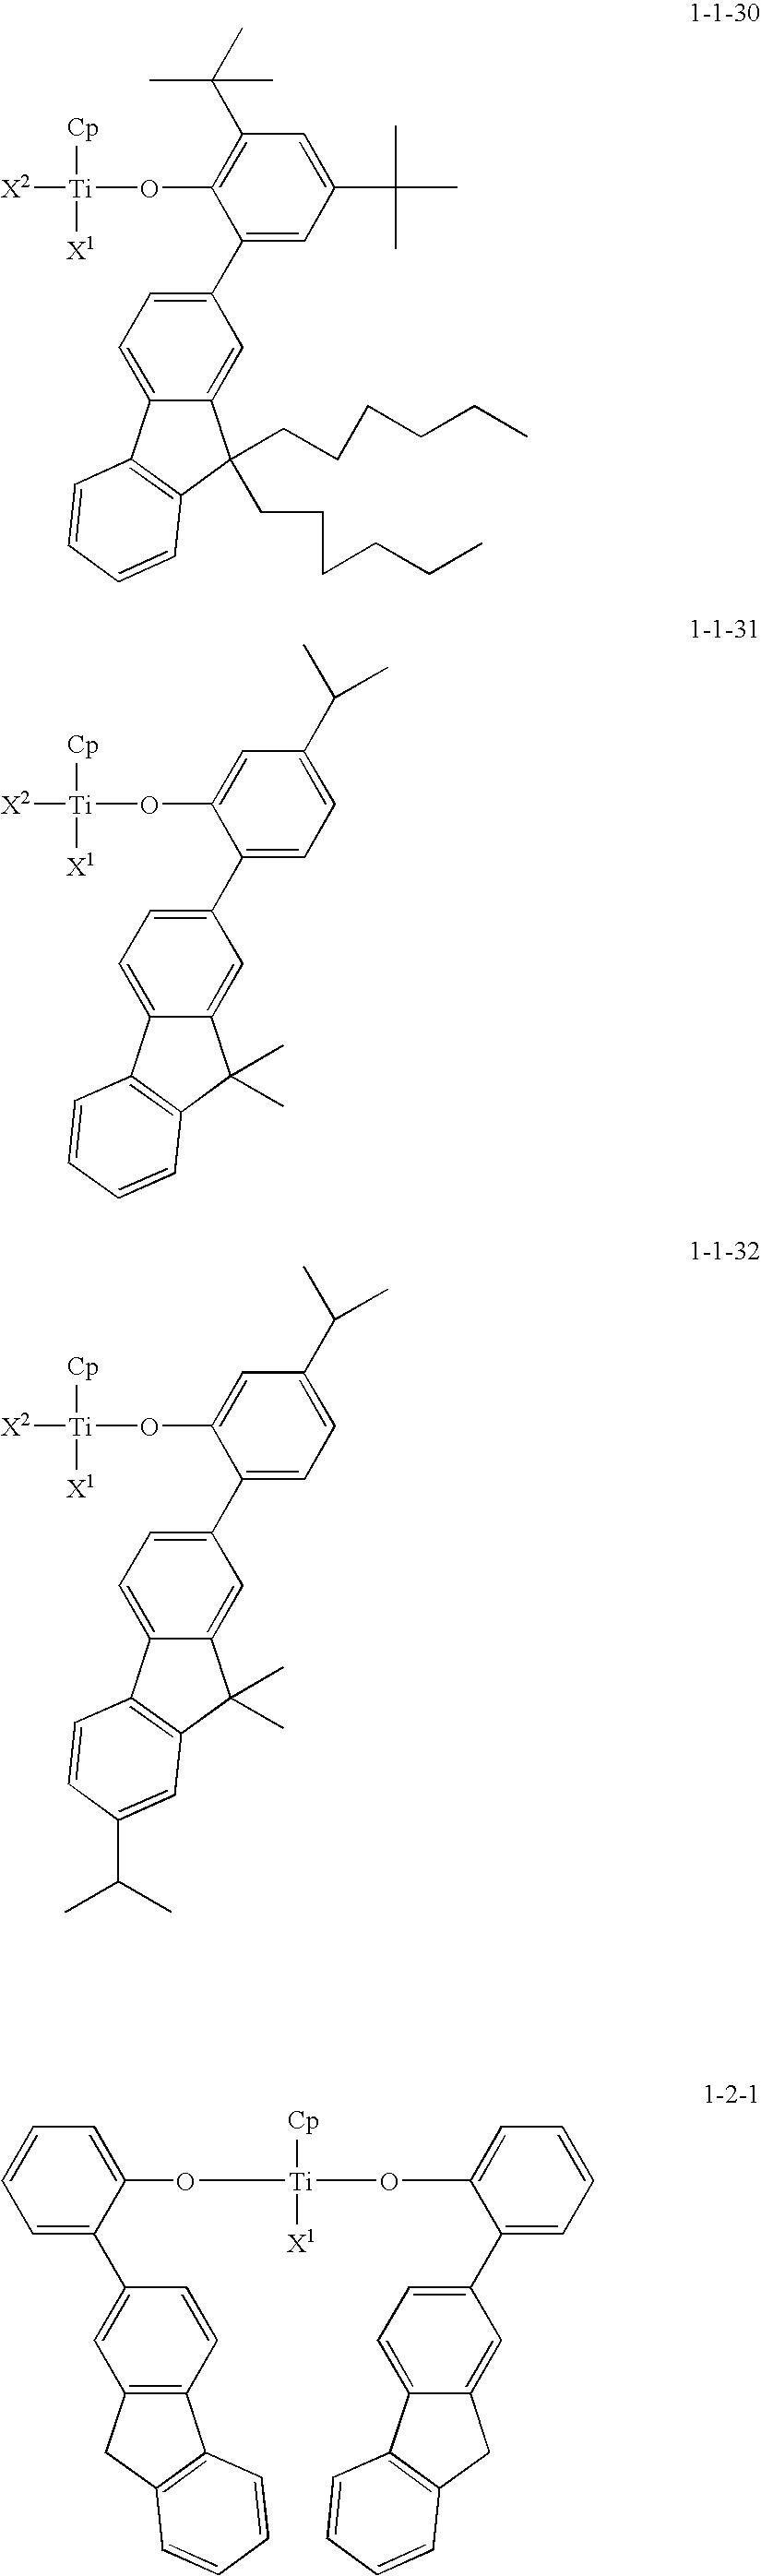 Figure US20100081776A1-20100401-C00077